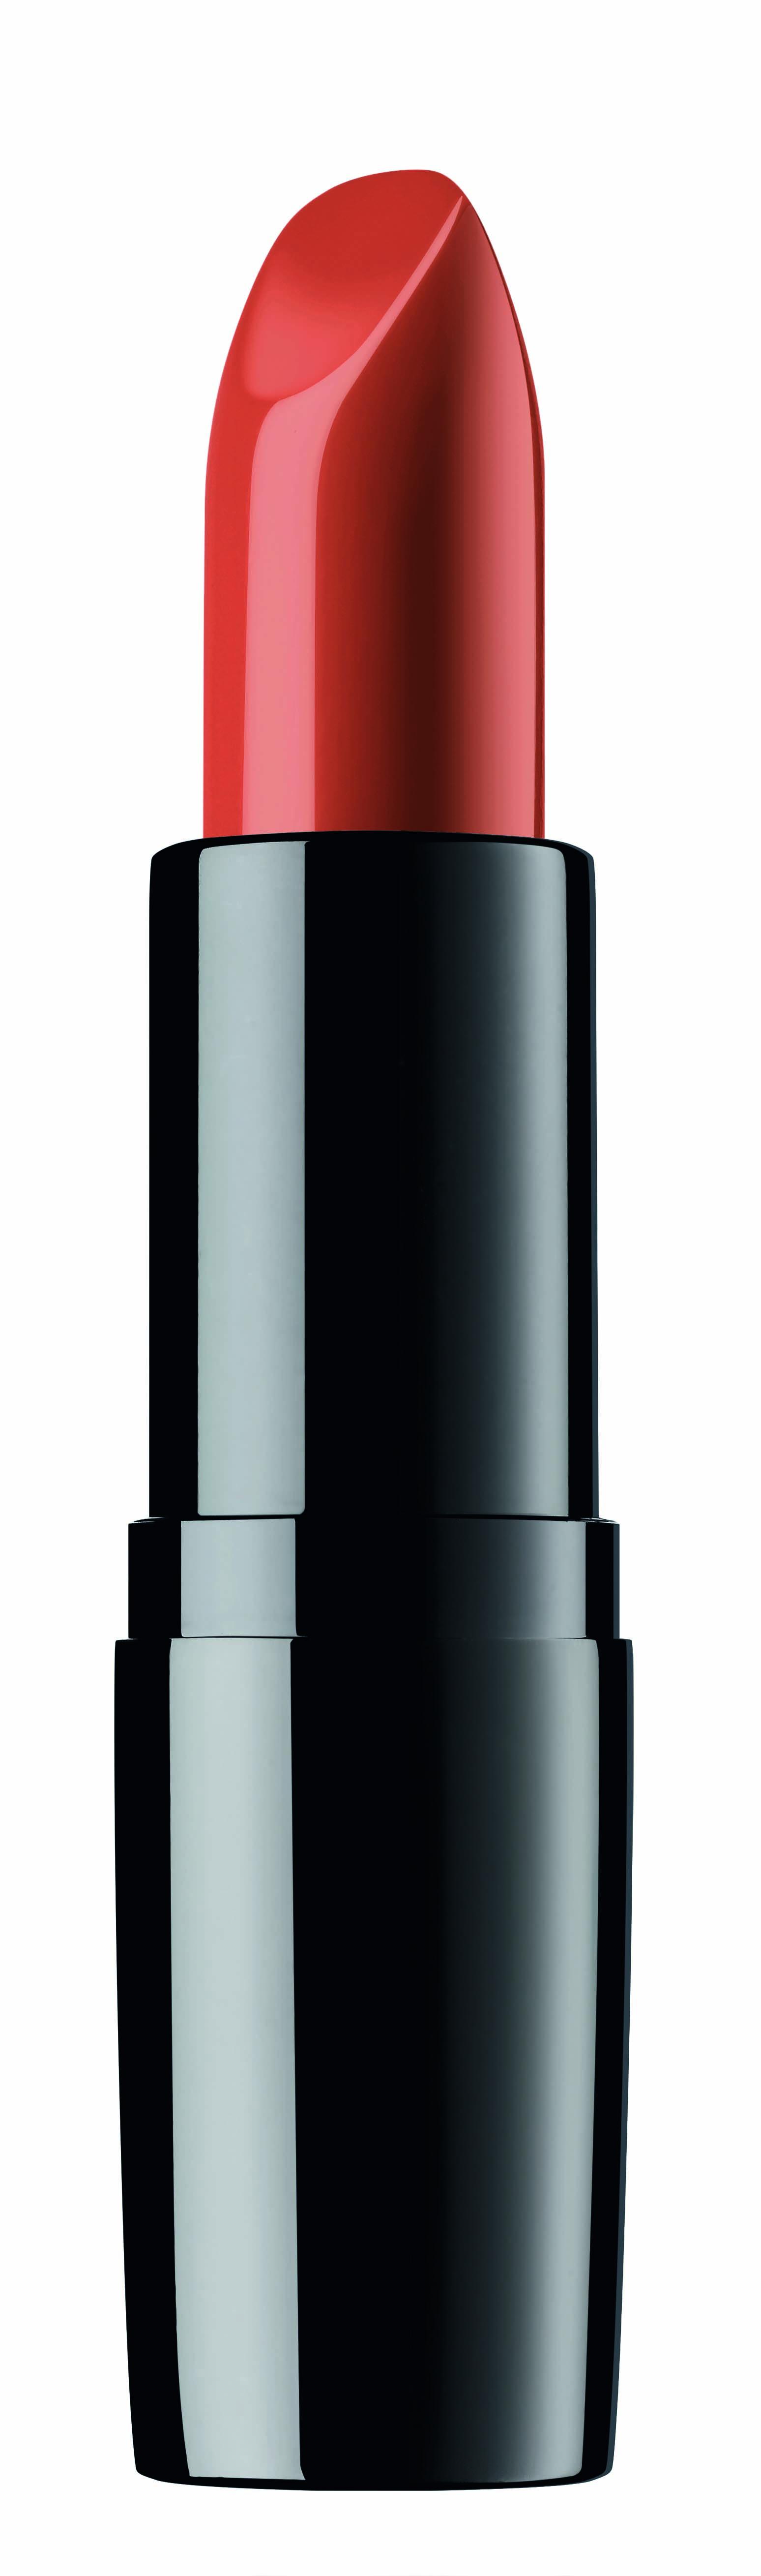 Artdeco помада для губ увлажняющая Perfect color 17А 4 г6Текстура нежнейшего крема дарит несказанное удовольствие и комфорт! Помада обладает стойкостью и содержит специальные пигменты для более ровного нанесения. Ее так легко нанести, что зеркало не обязательно! Изумительный микс помады и блеска. Элегантный дизайн делает продукт изысканным.